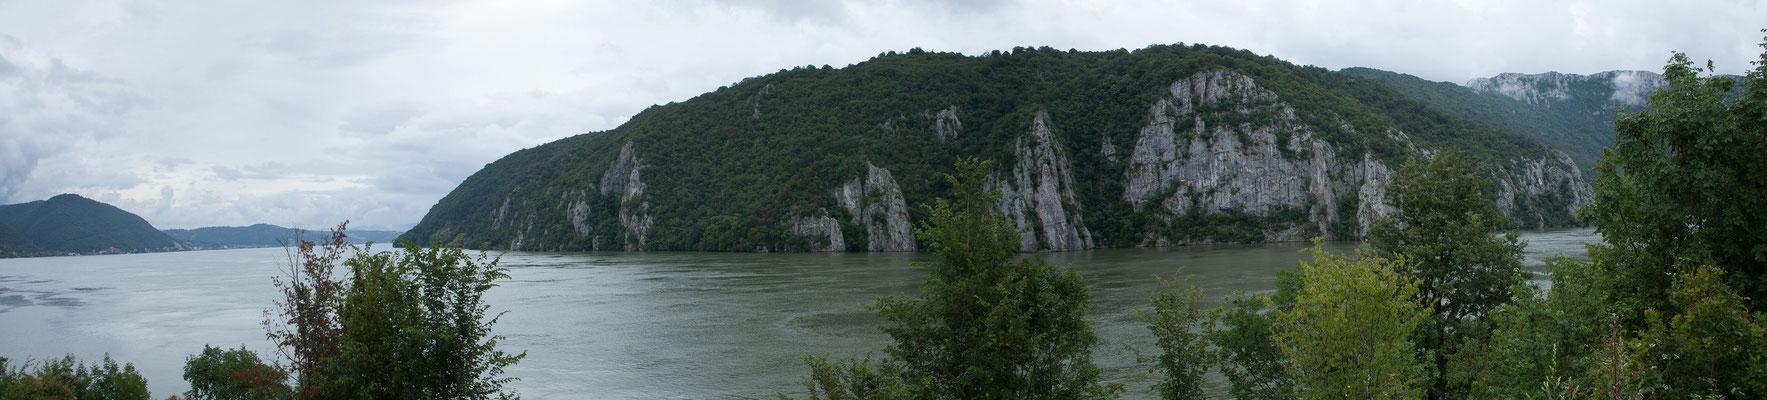 13.6. Das rund 130 km lange Tal ist in Serbien als Đerdap Gorge und in Rumänien als Cazanele Dunarii / Donaukessel bekannt und beeindruckt mit seinen bis zu 300 Meter hohen Steilwänden.